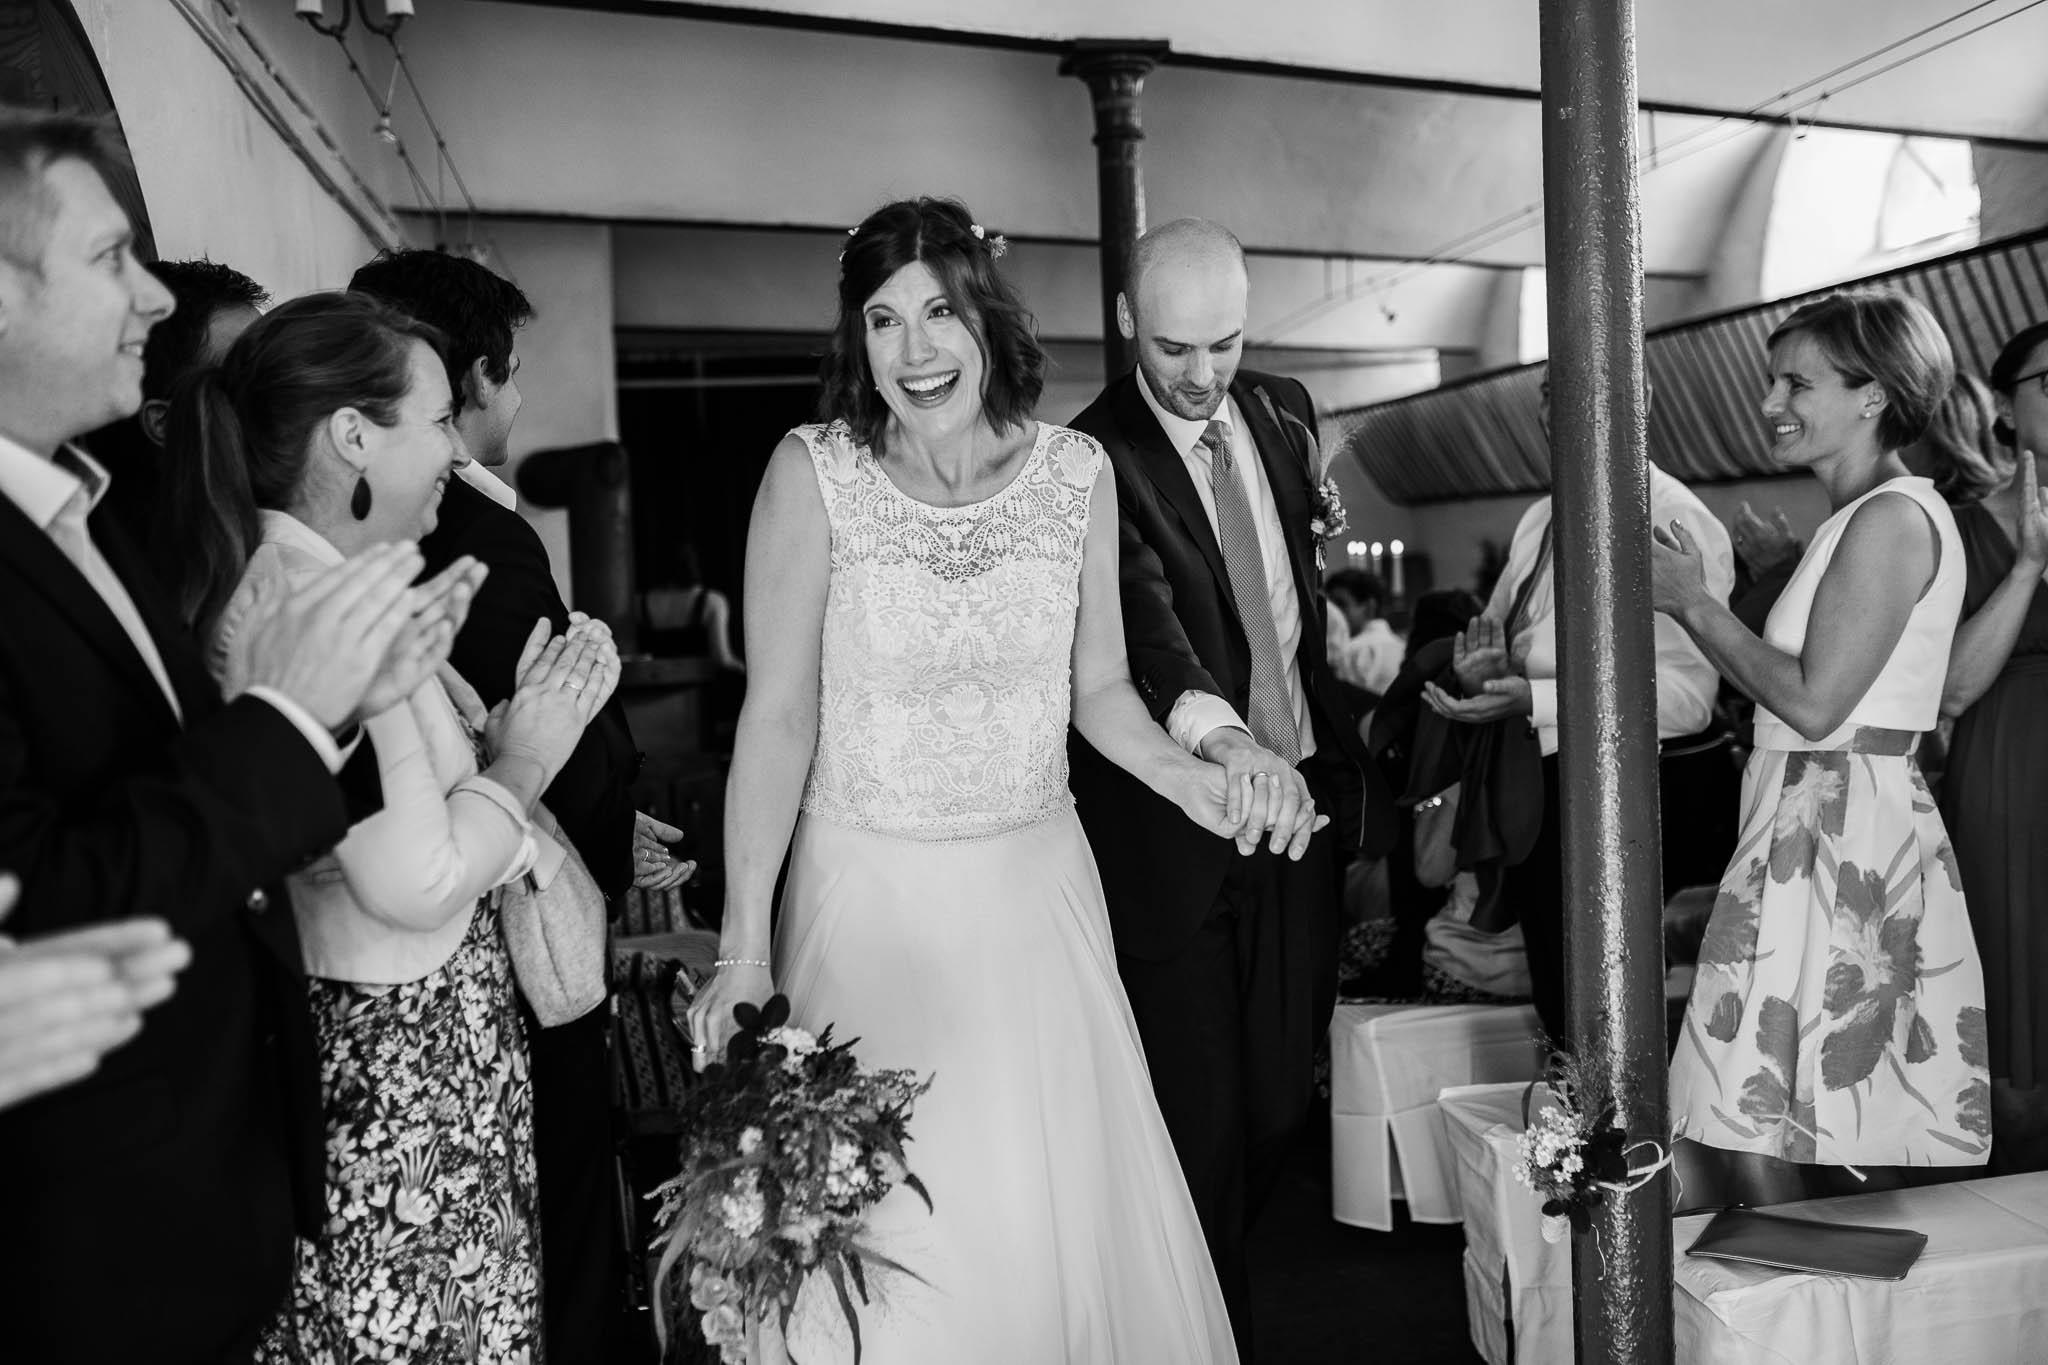 Hochzeitsfotograf Guntersblum, Domhof - Hochzeit von Ina & Johannes 29